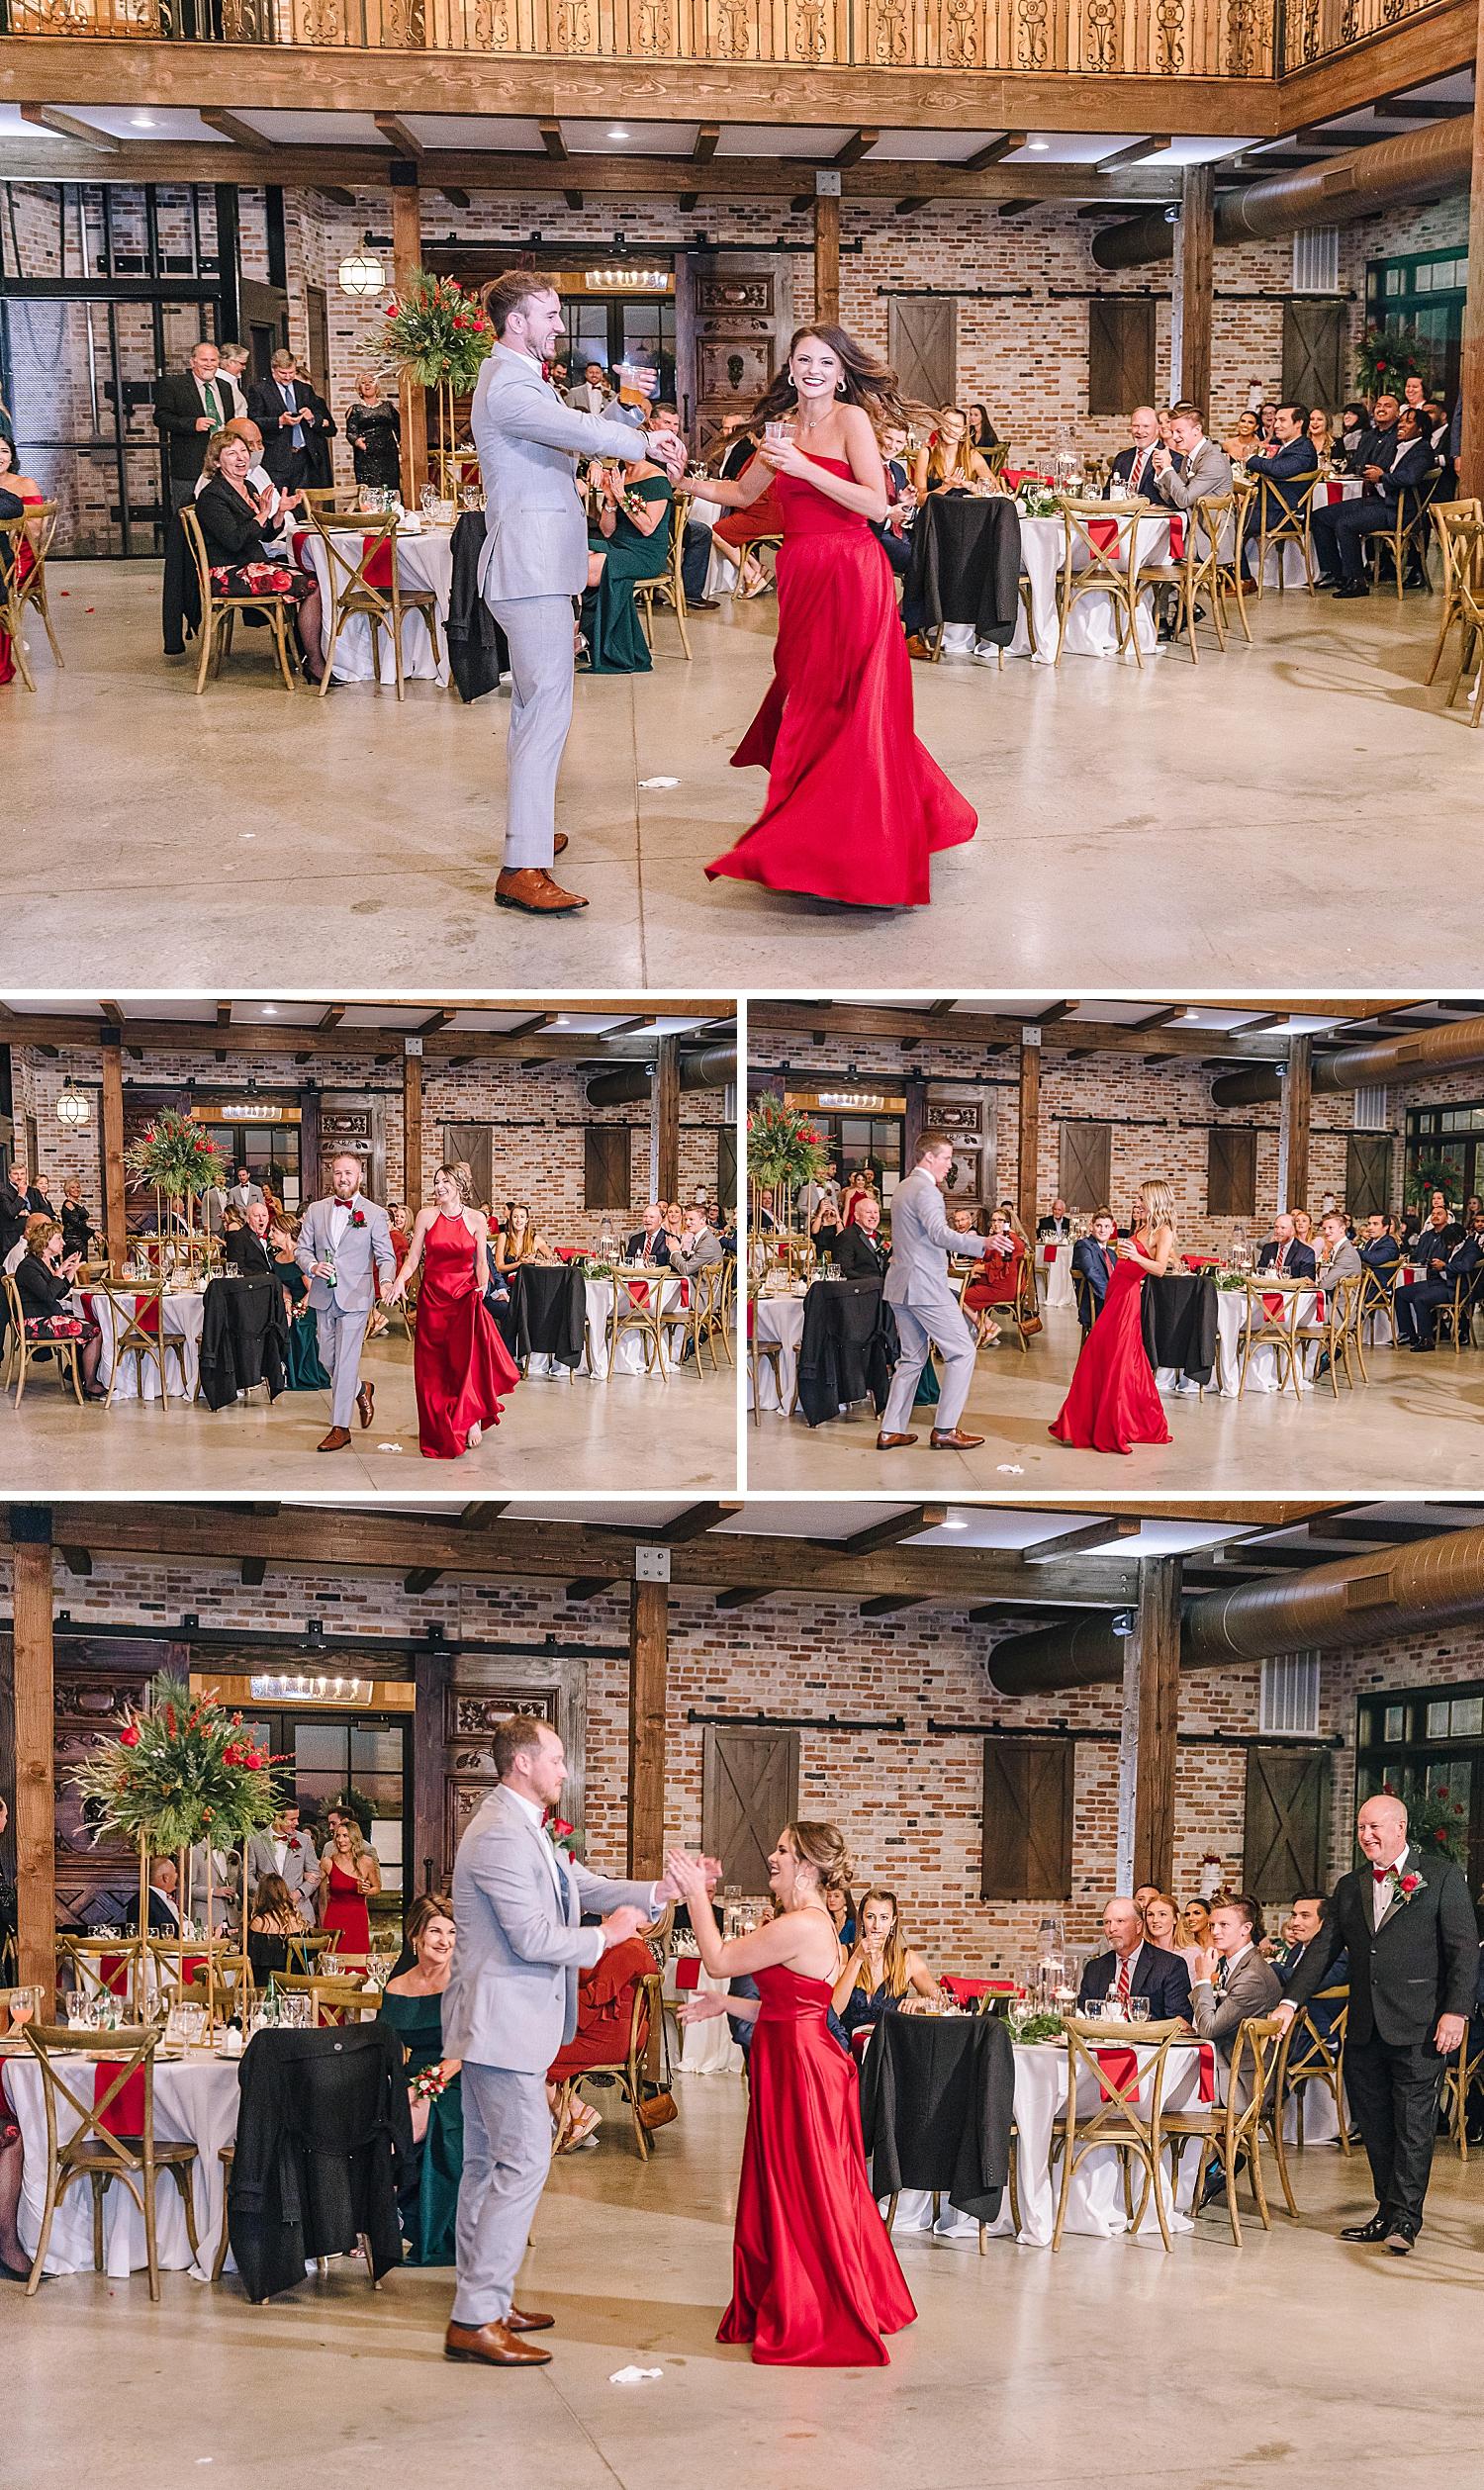 College-Station-Aggie-Wedding-The-Weinberg-at-Wixon-Valley-Christmas-Hallmark-Wedding_0116.jpg